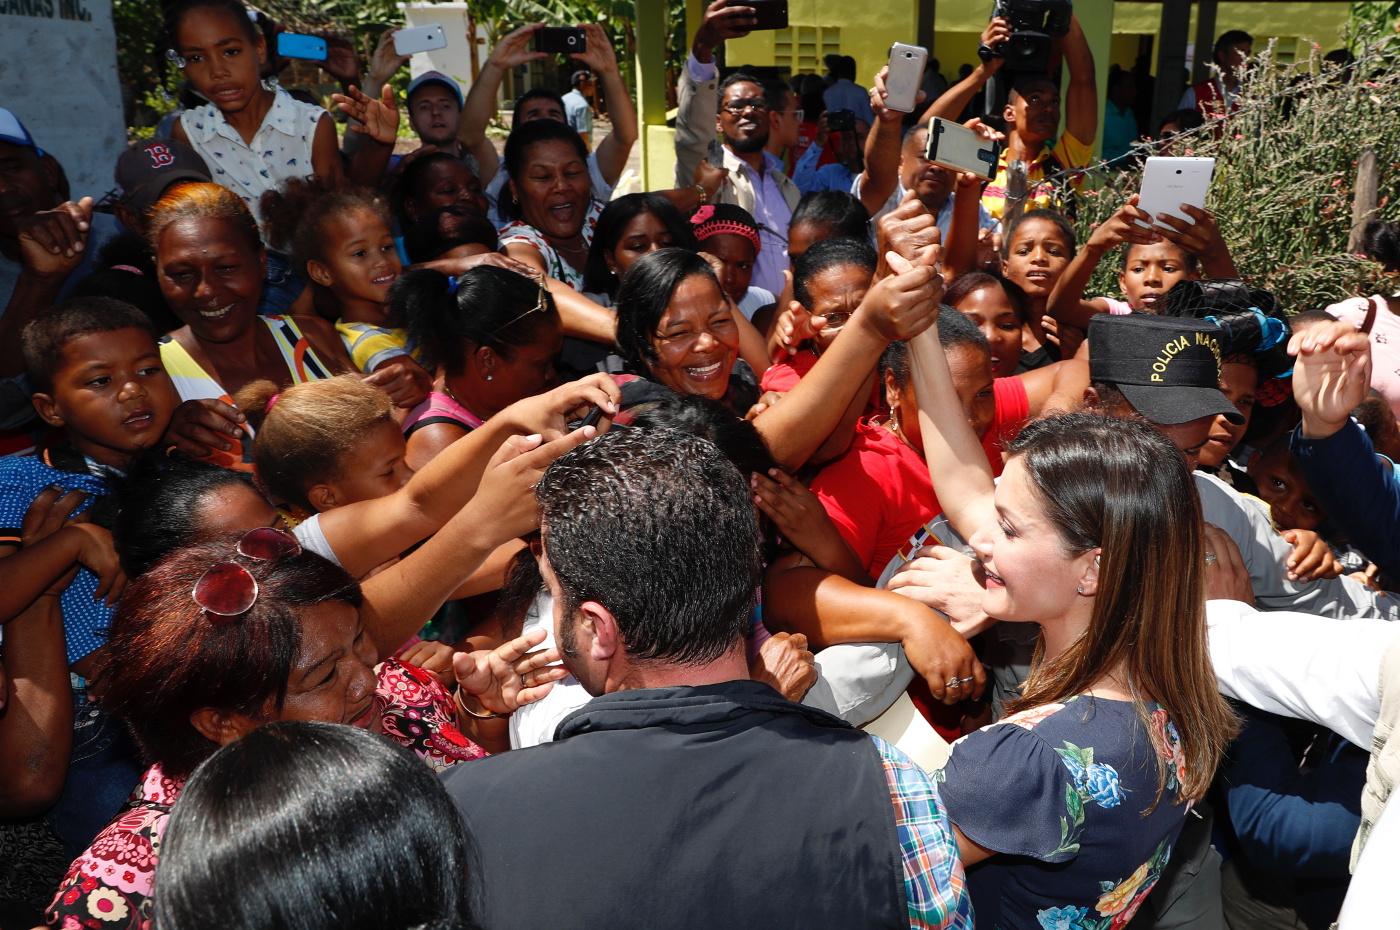 reina_viaje_cooperación_republica_dominicana_haiti_20180522_51